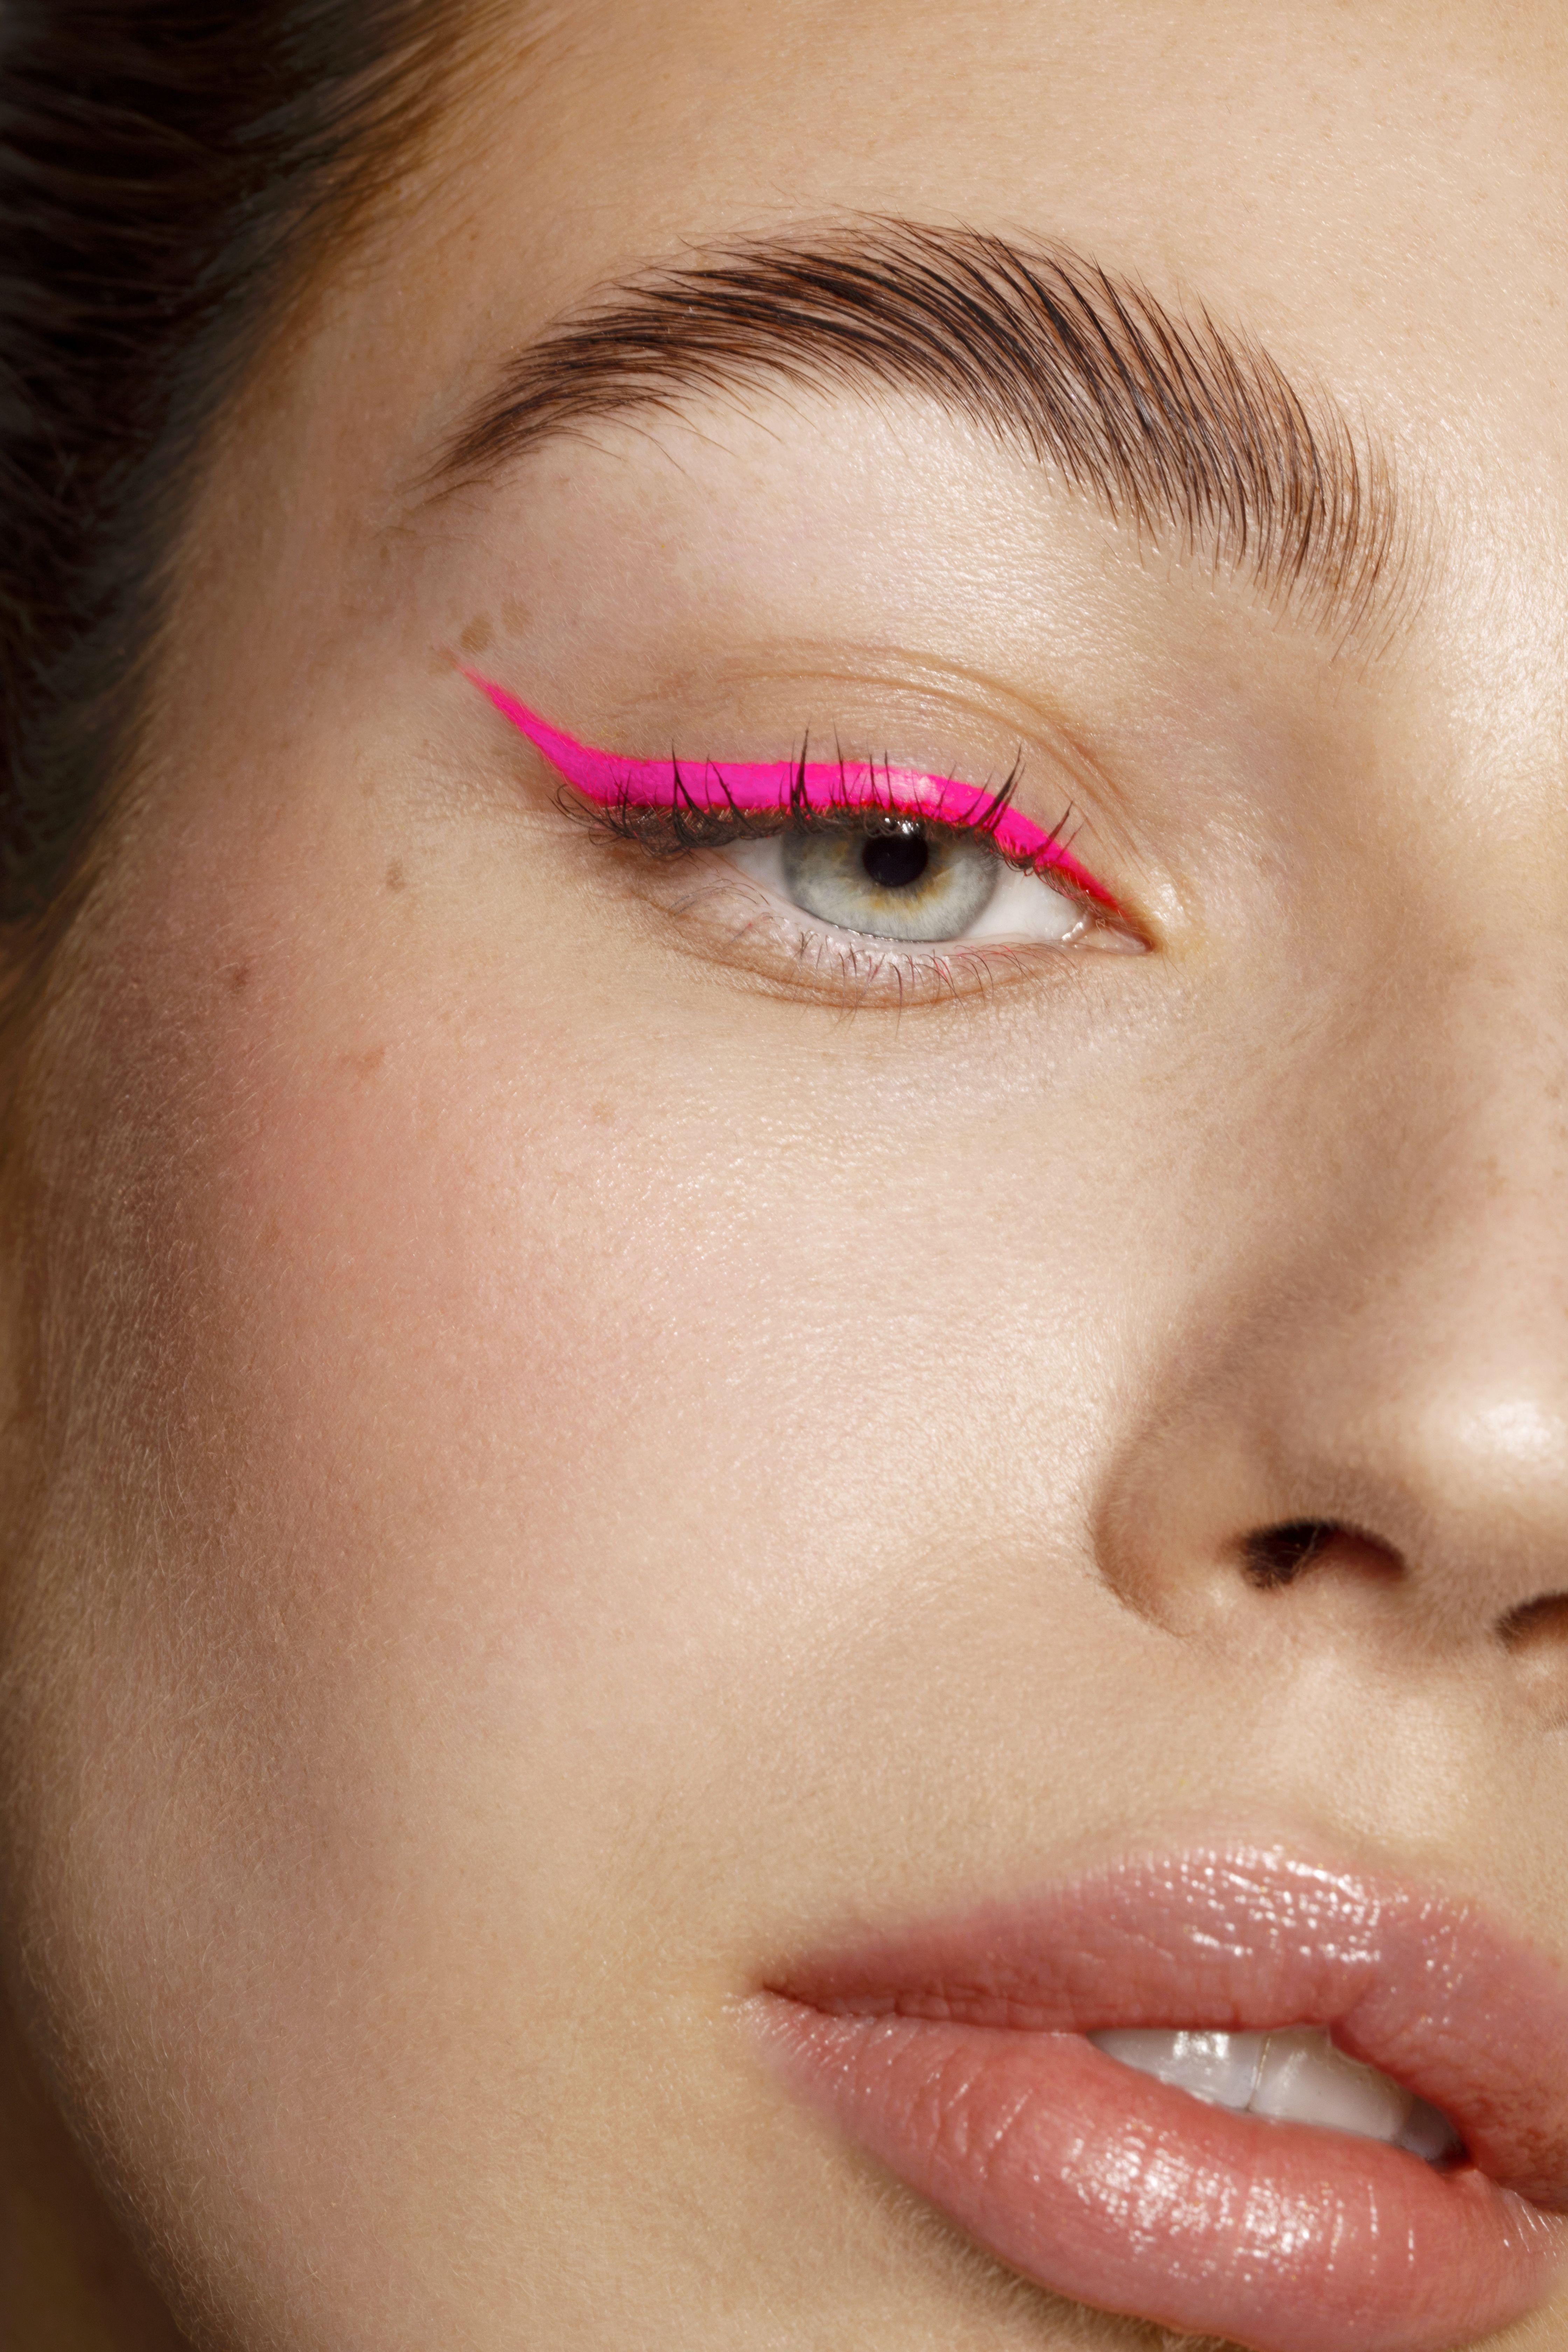 Neon pink eye liner / Macro beauty